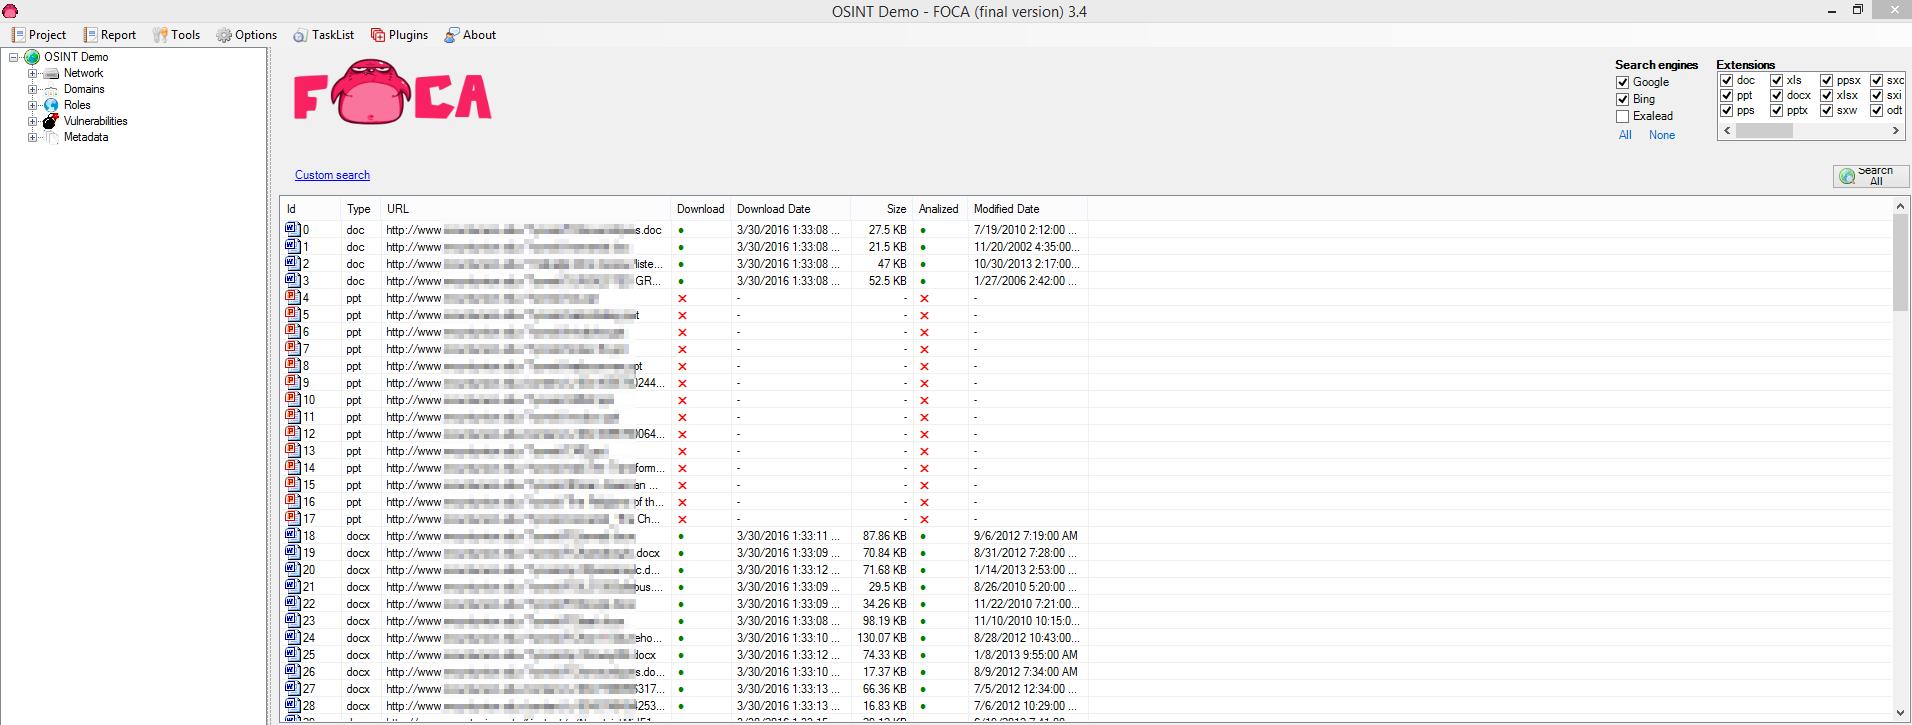 FOCA Results